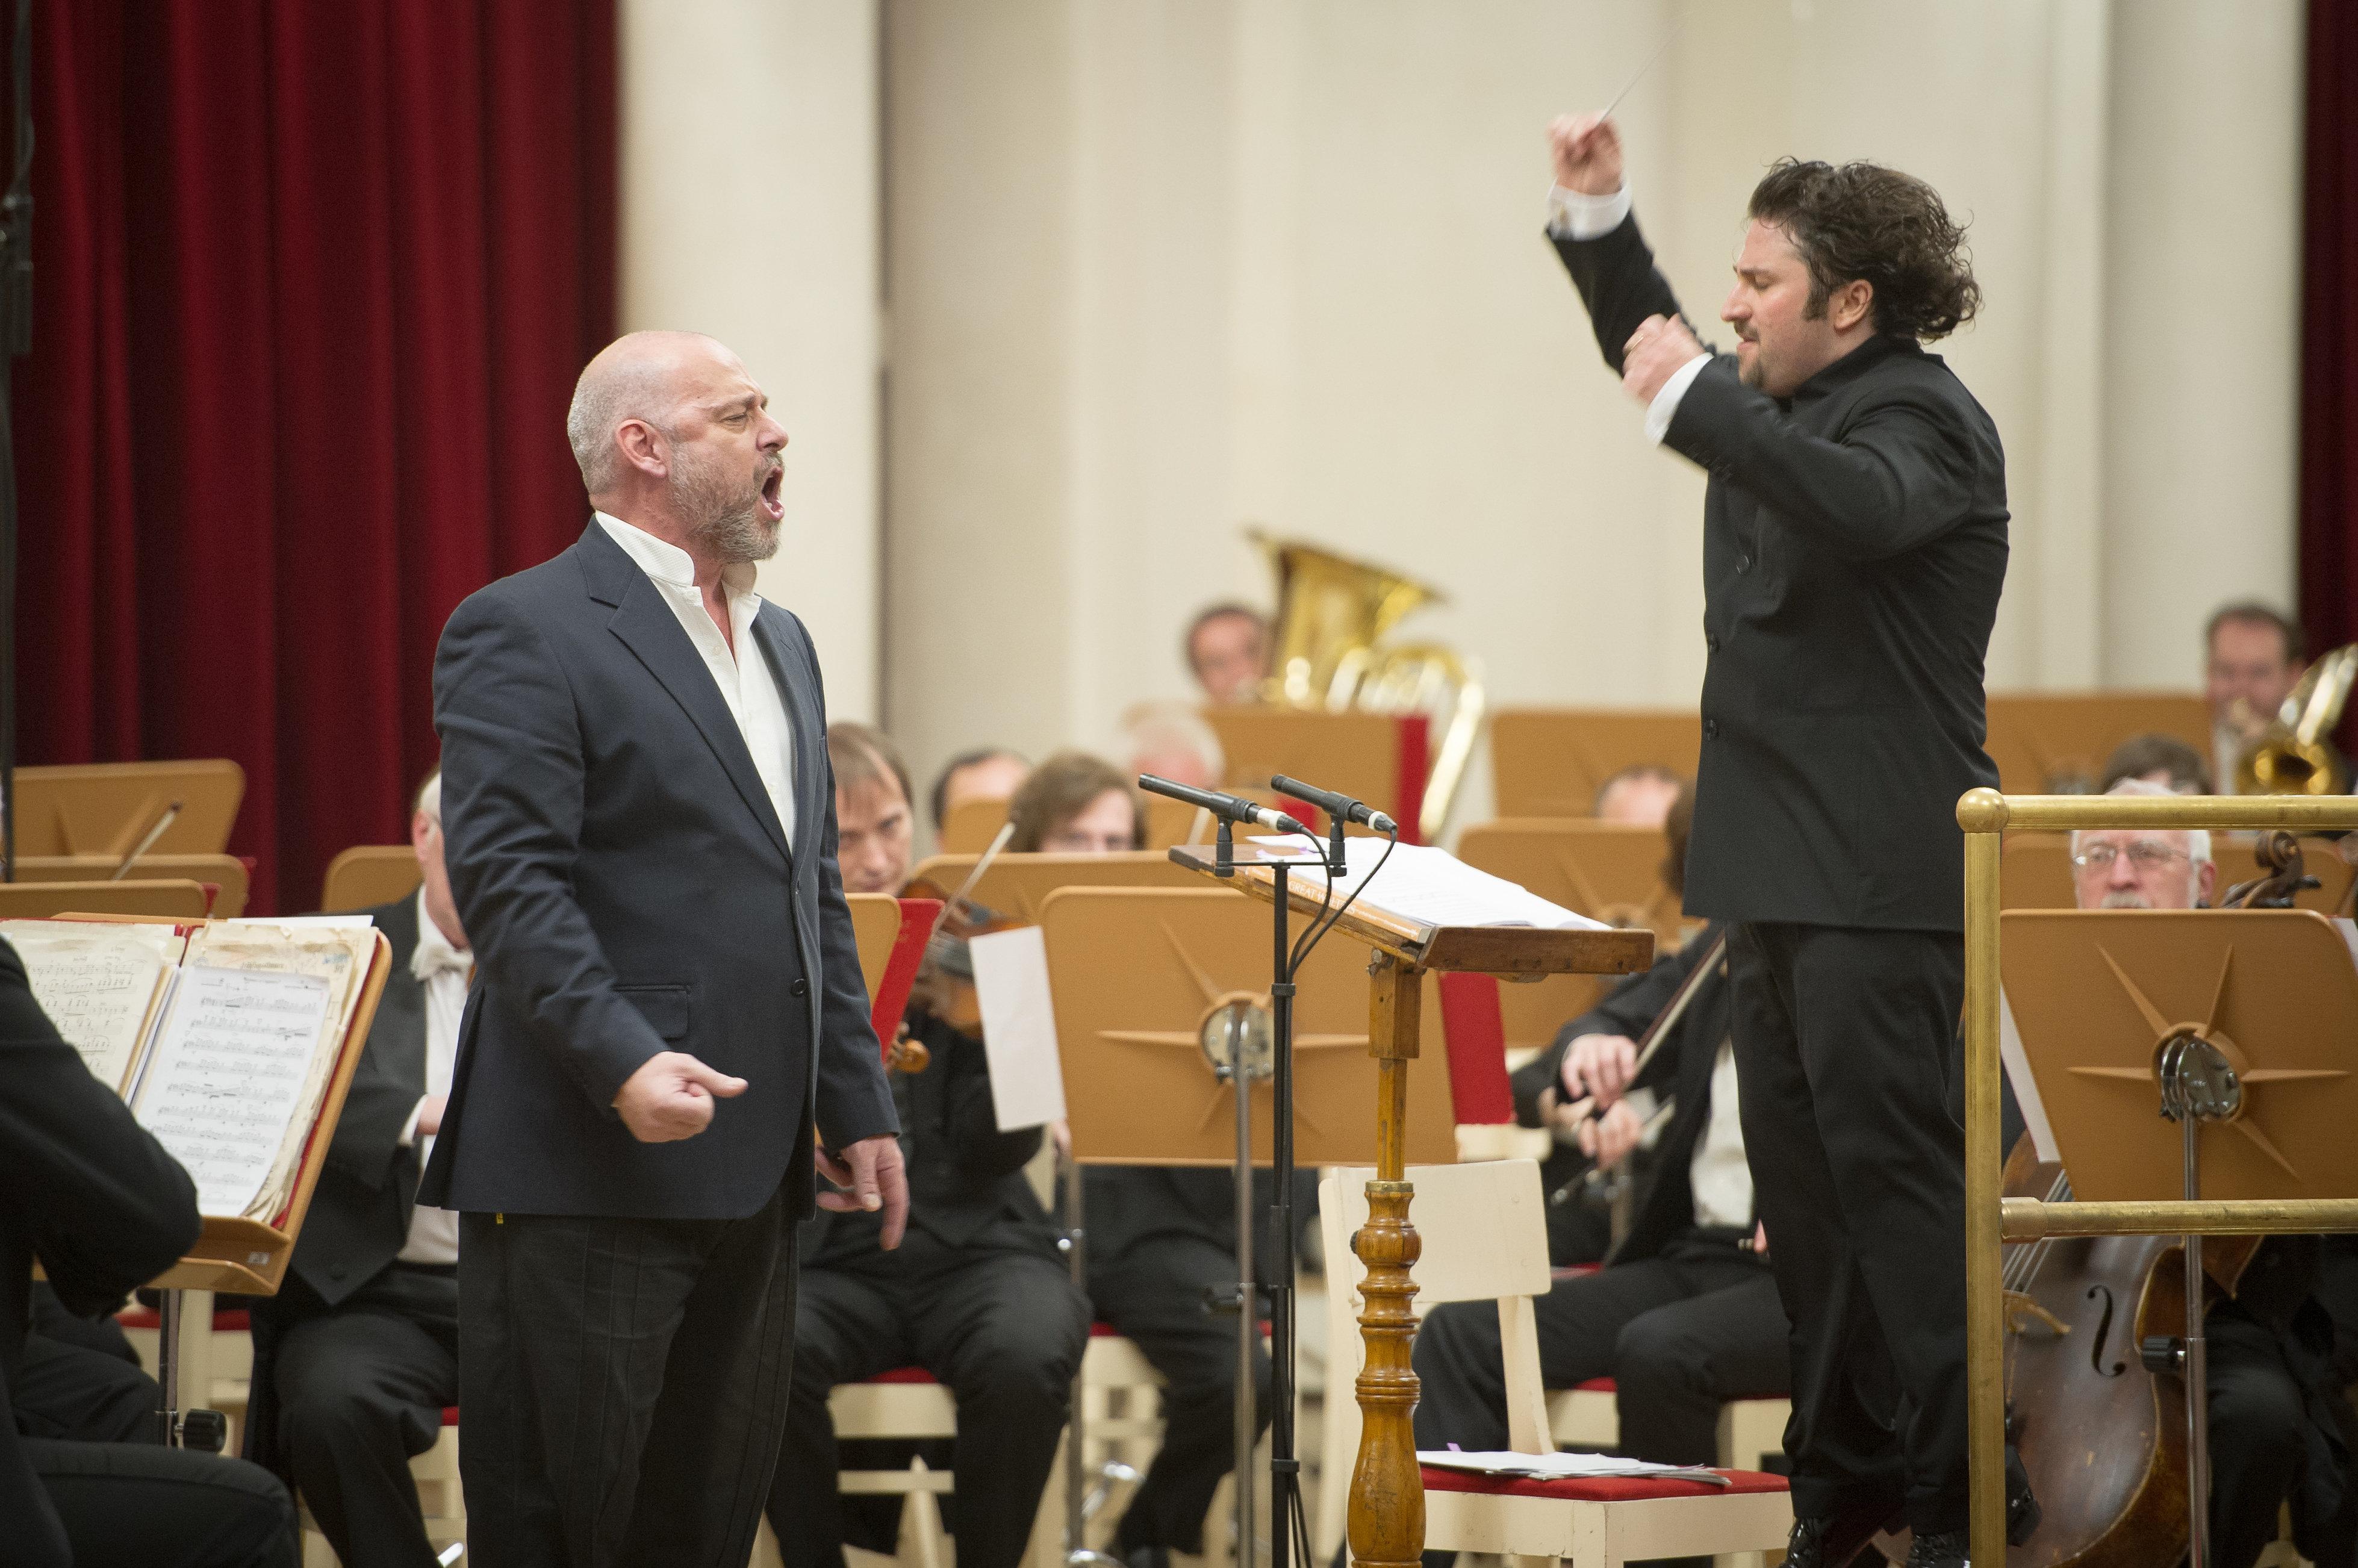 El tenor argentino y excombatiente de Malvinas Darío Volonté canta en San Petersburgo en 2015